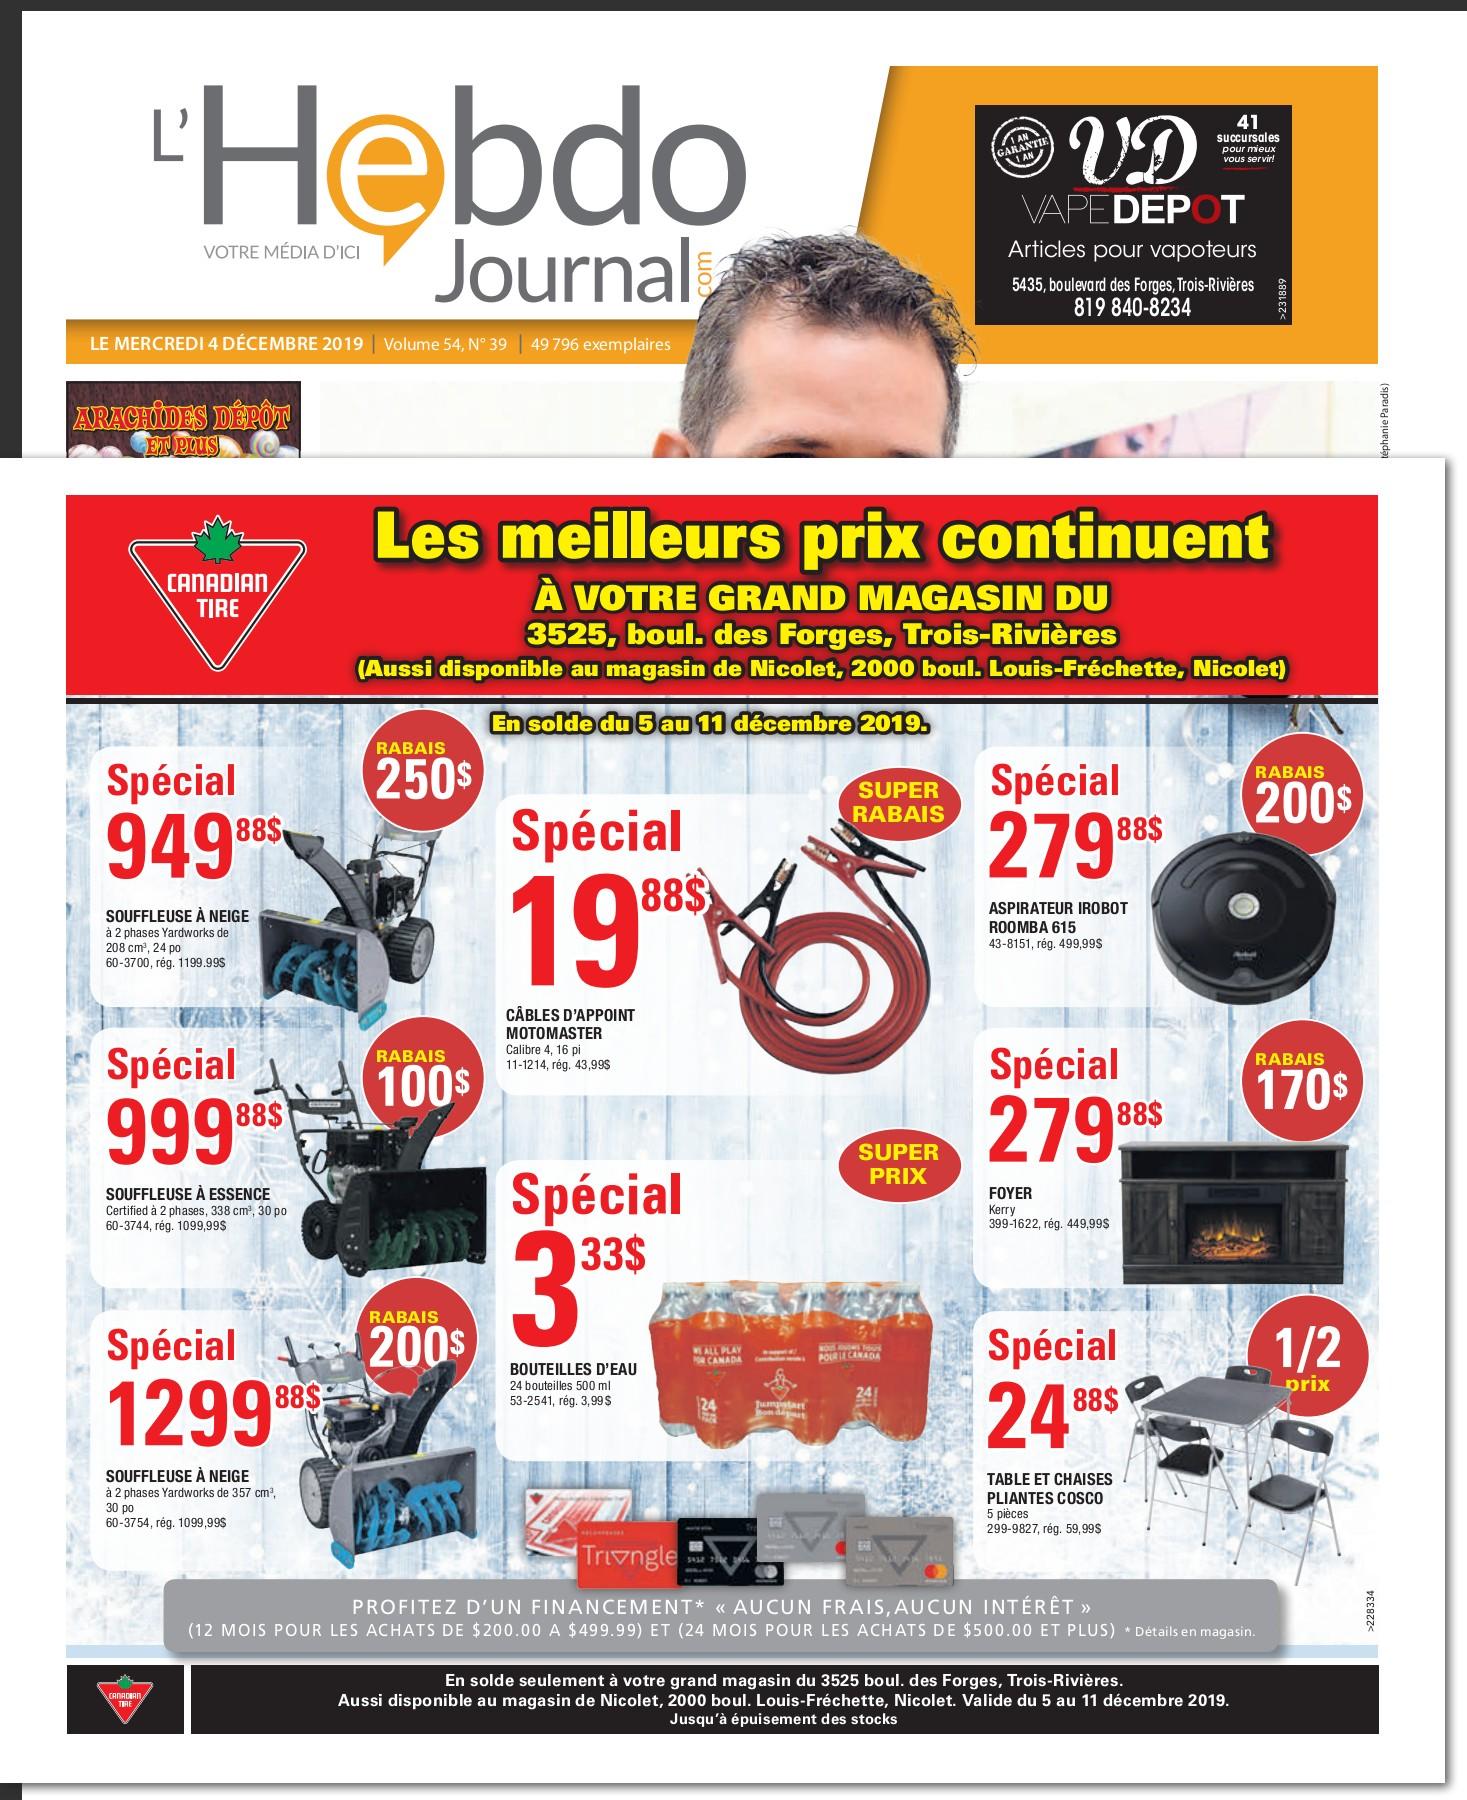 Carte Cadeau Leclerc Charmant Hj Pages 1 28 Text Version Of 32 Nouveau Carte Cadeau Leclerc